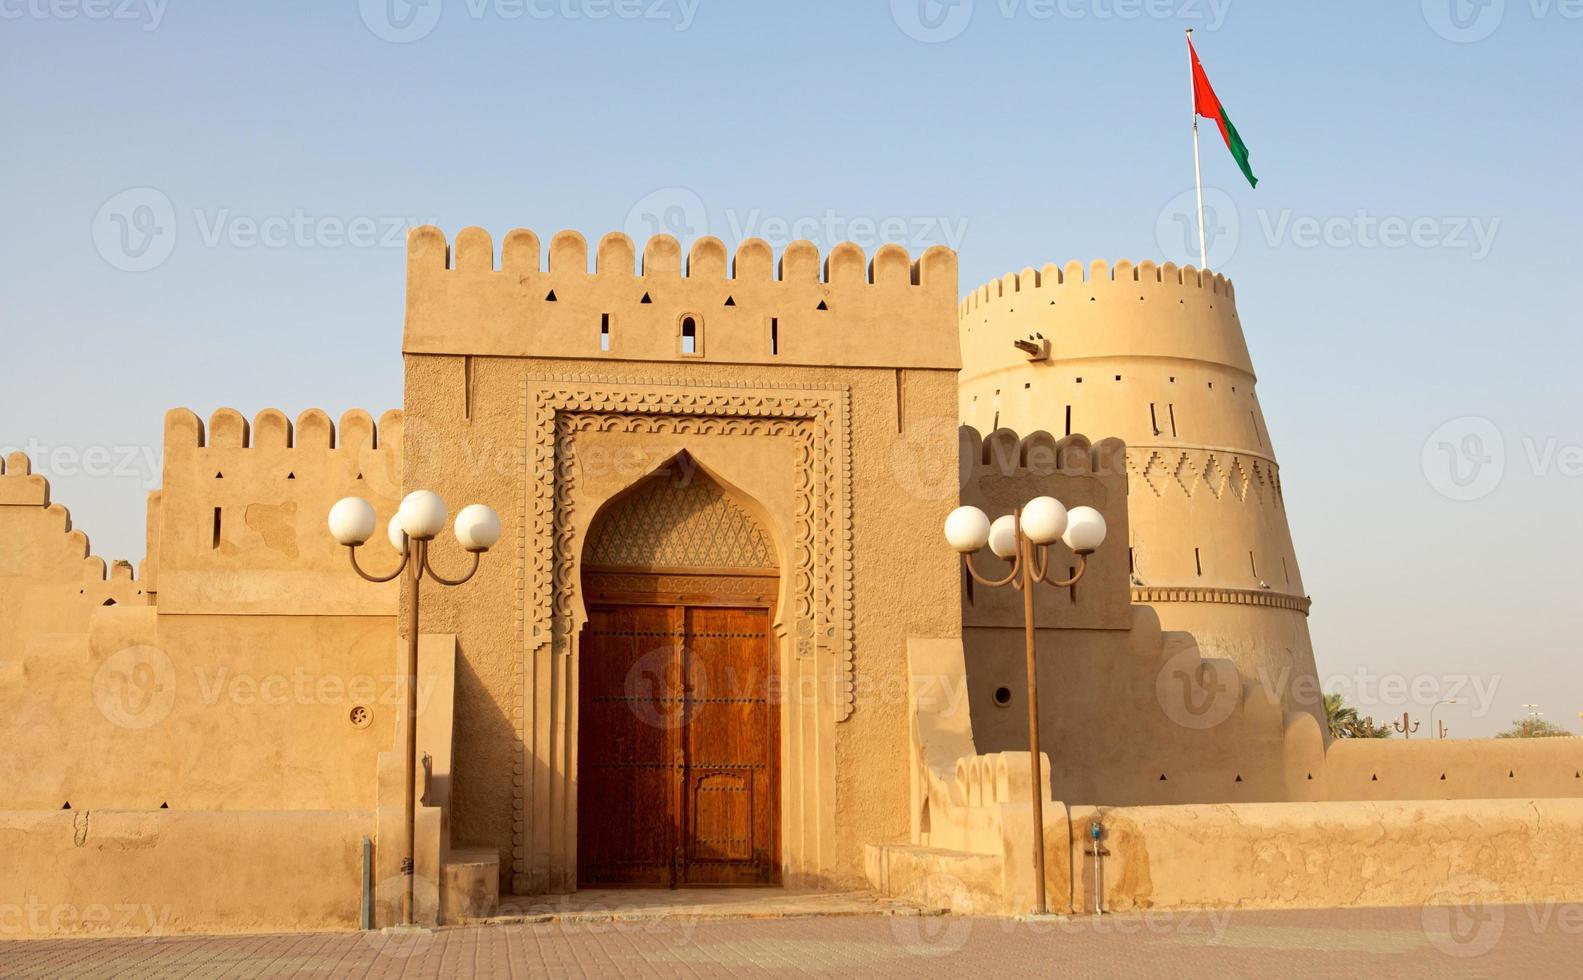 castello dell'Oman foto